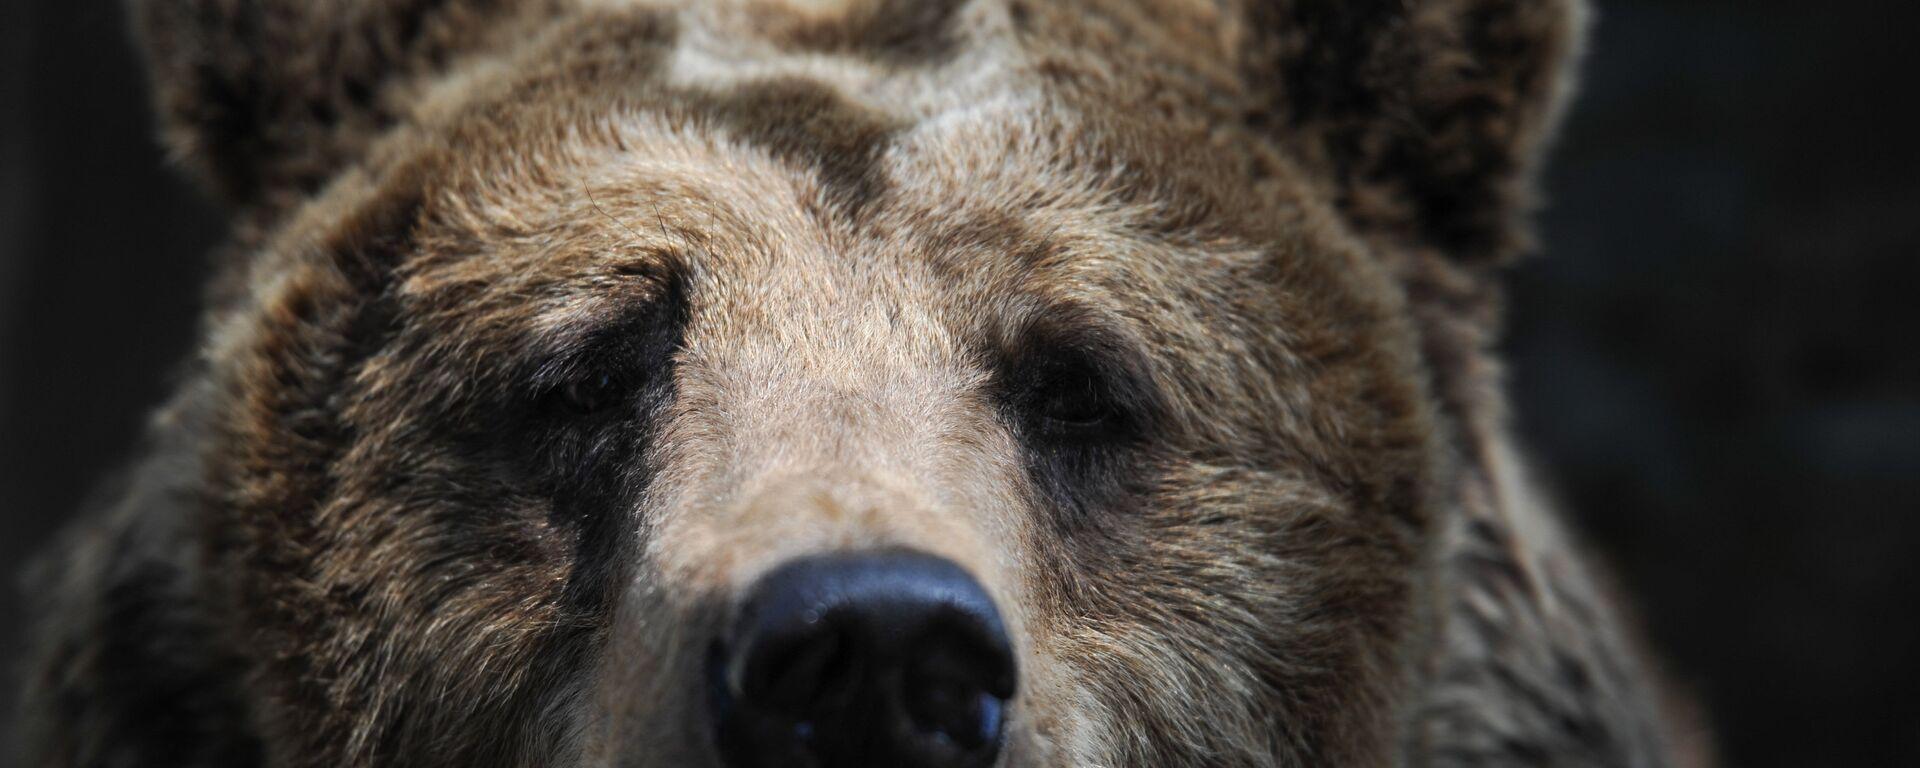 Бурый медведь в зоопарке Калининграда. - Sputnik Латвия, 1920, 21.06.2019